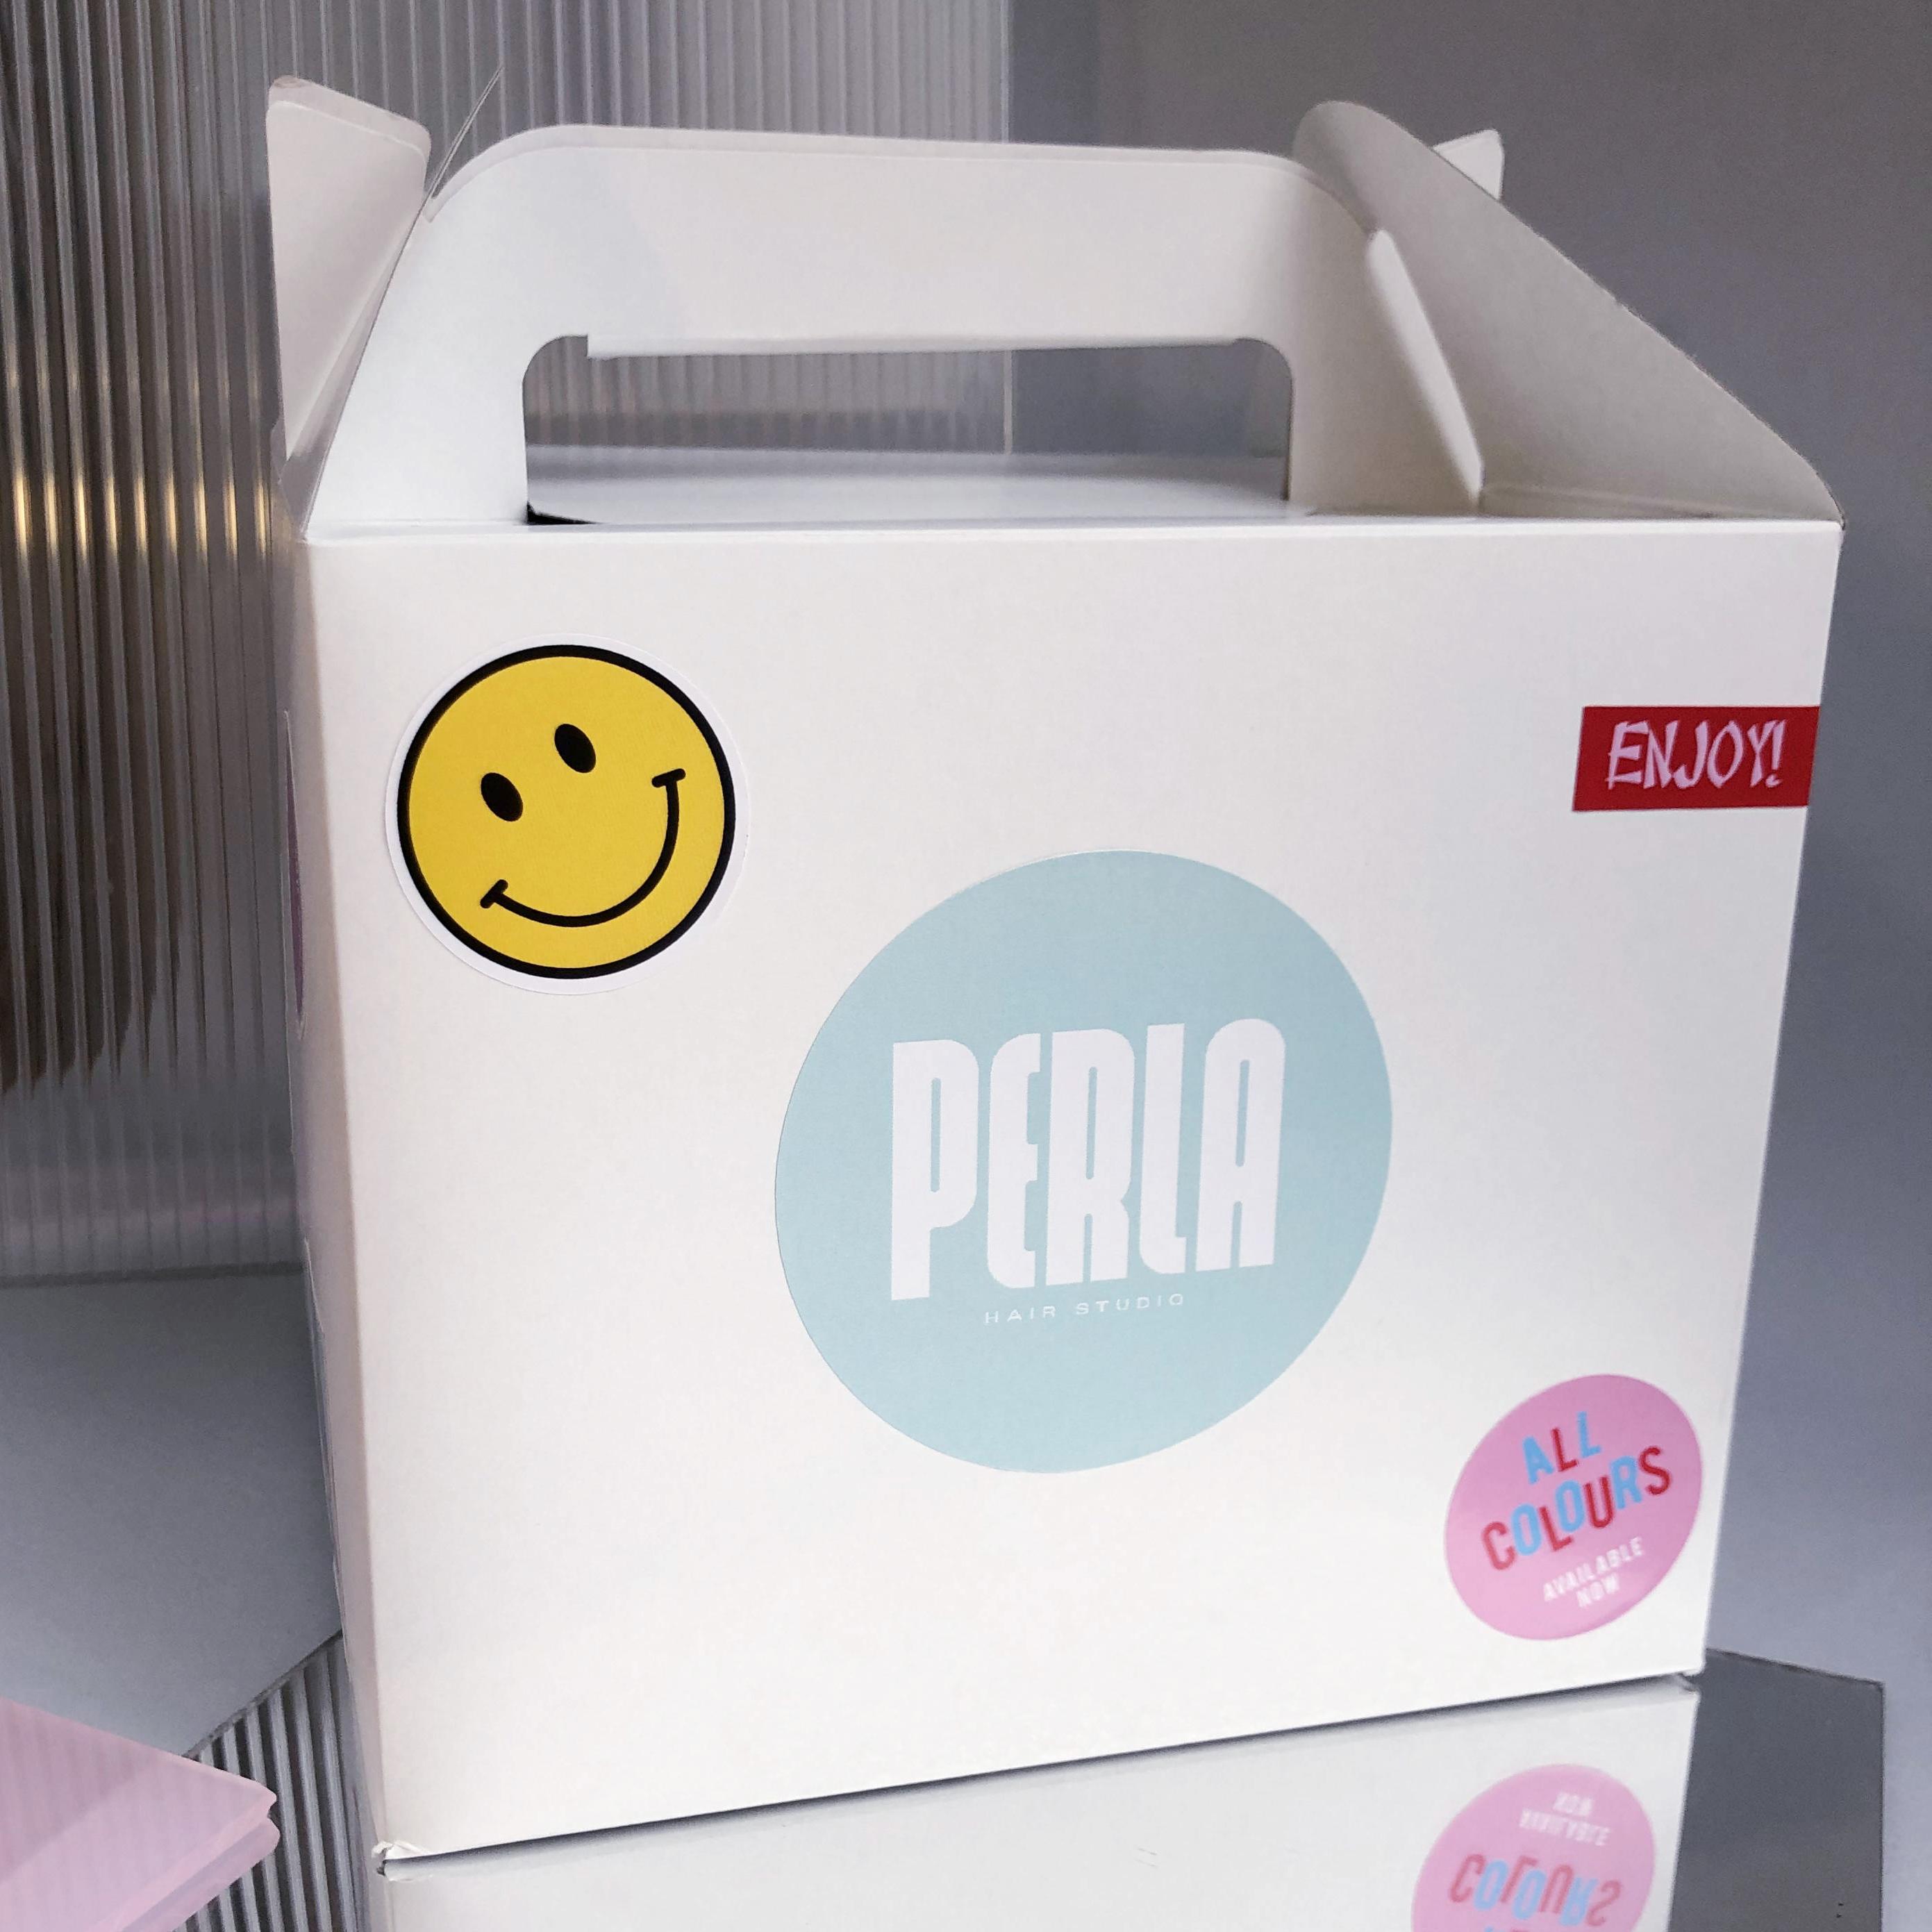 DELIVERY PERLA - BIG BOX